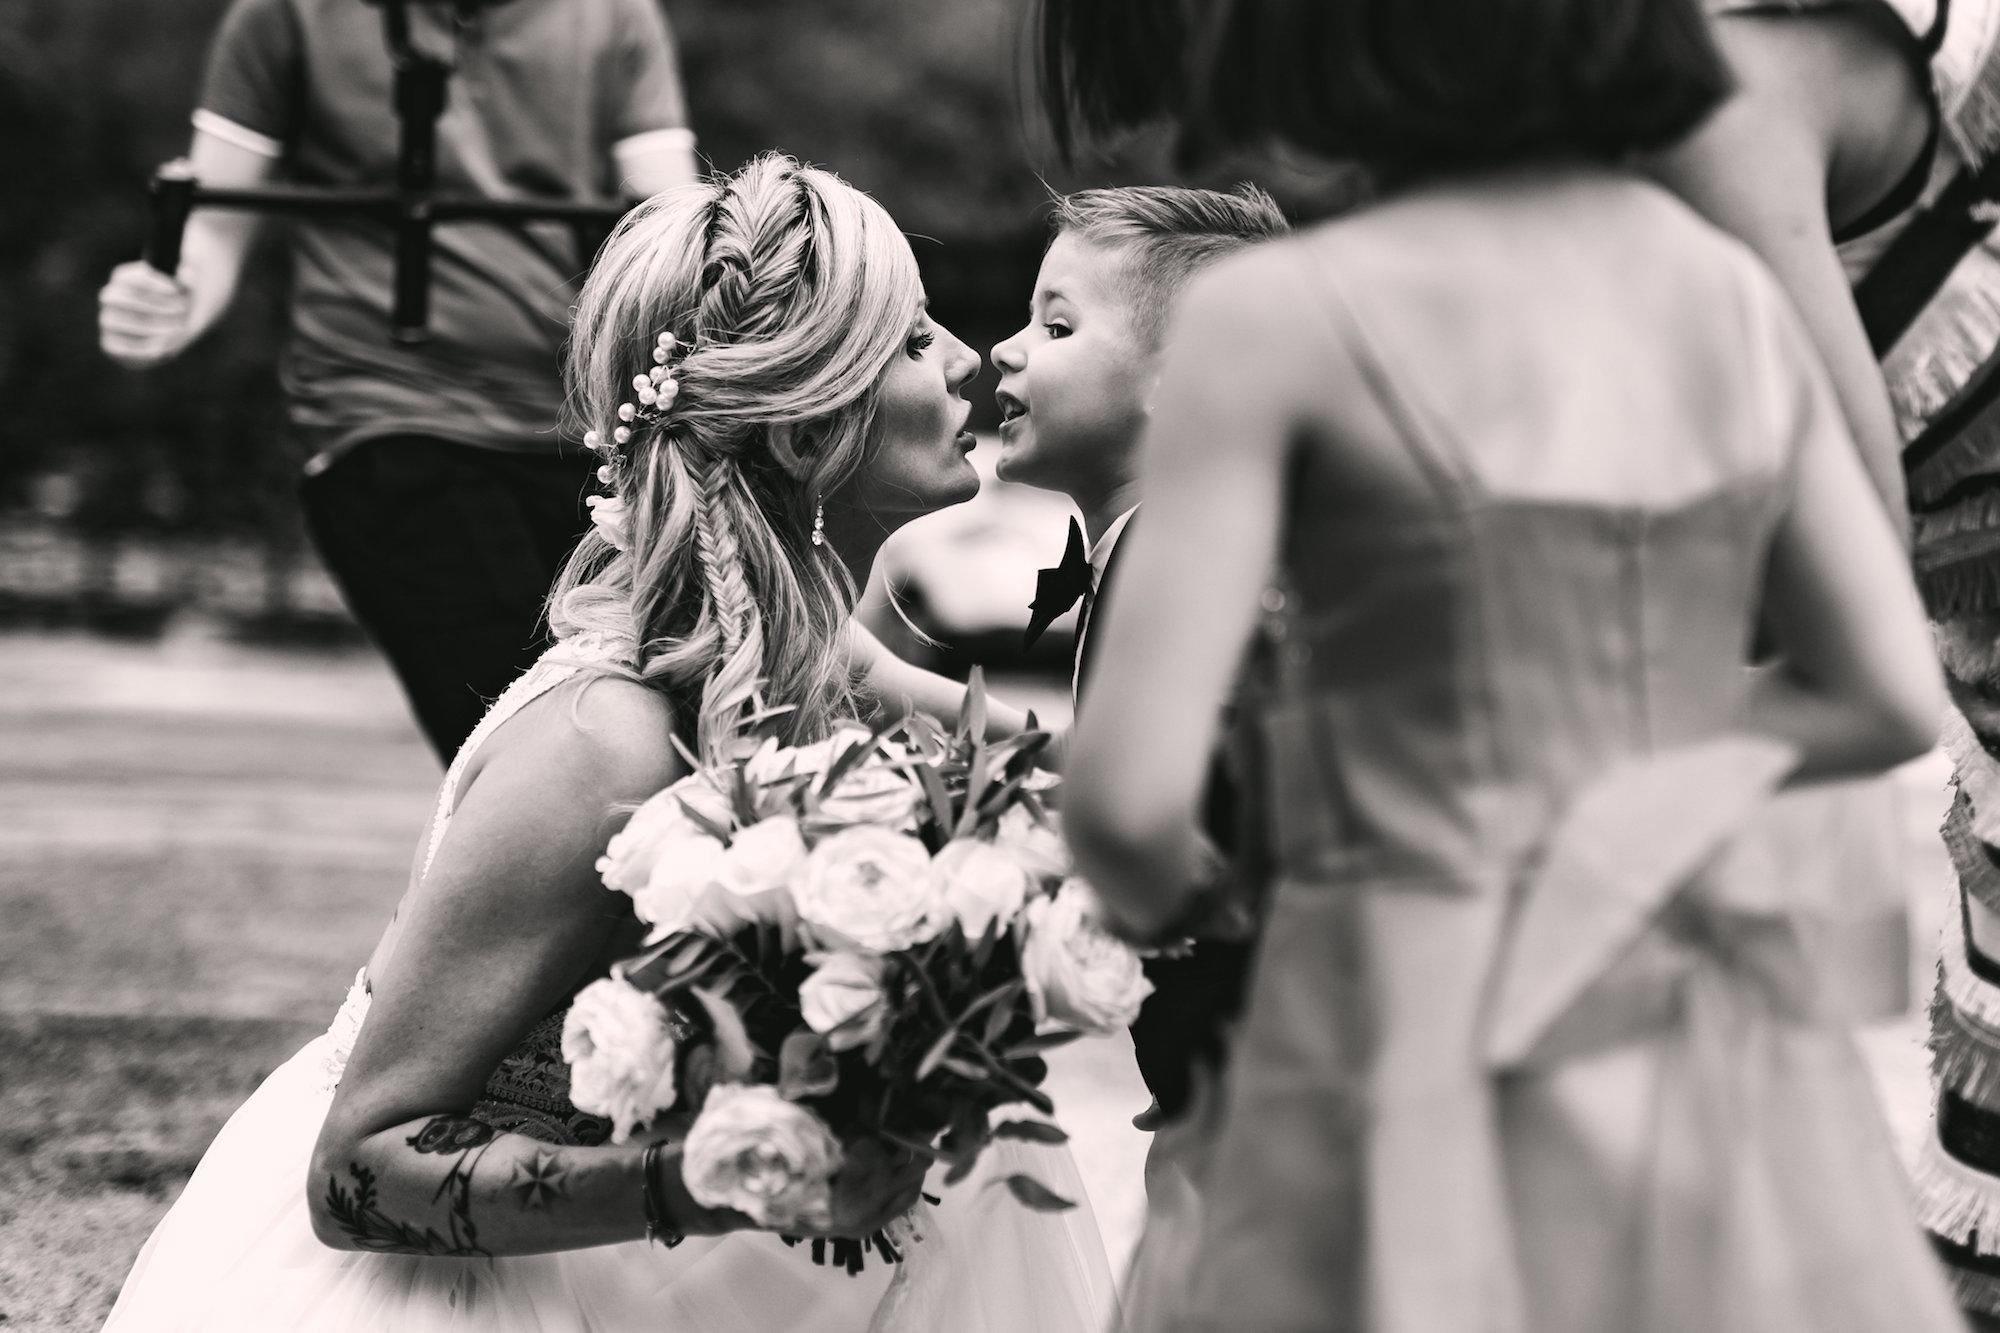 le coeur dans les etoiles - wedding planner - provence - luberon - alpilles - organisation - mariage - wedding - florine jeannot - mere et fils